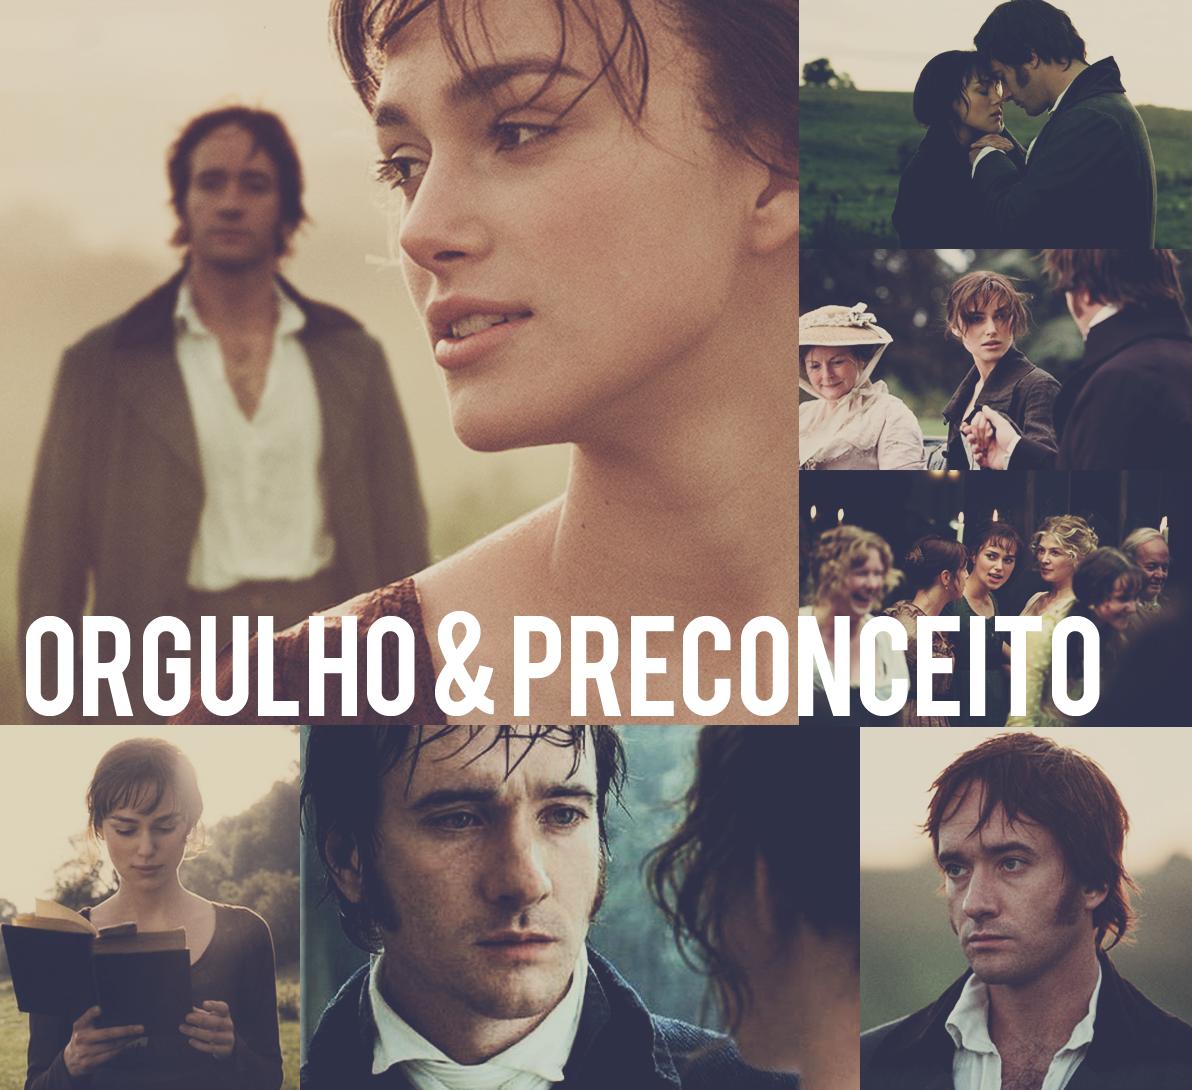 Orgulho & Preconceito_Keira Knightley_Matthew Macfadyen_Romance_adaptação de livro_Jane Austen